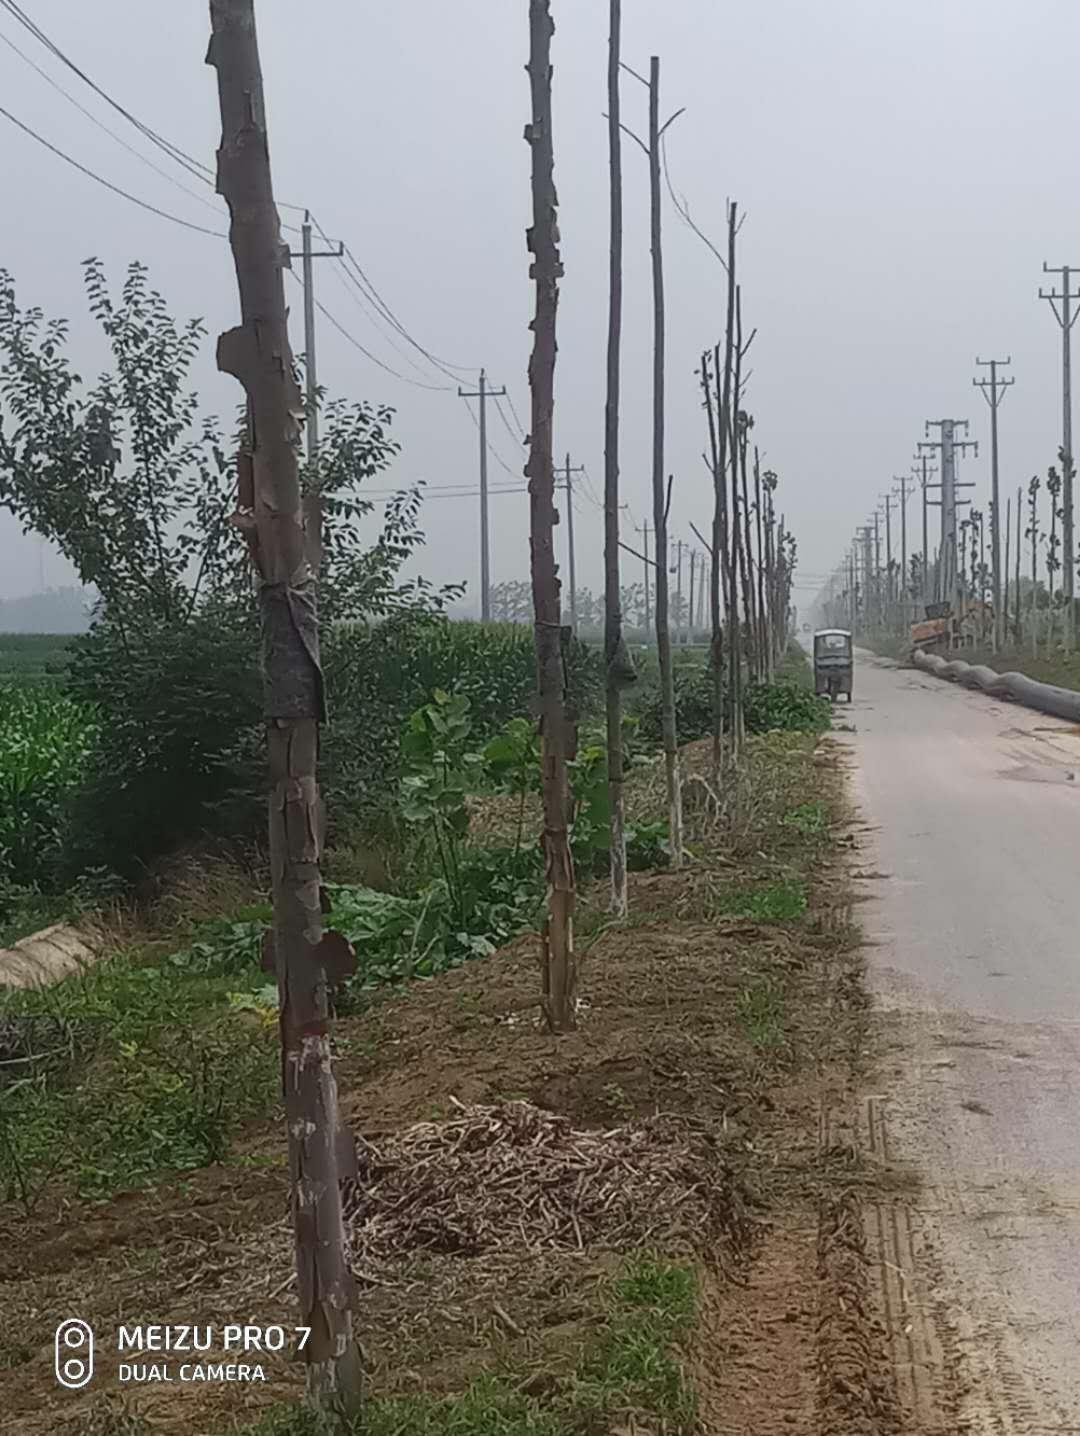 丰县师寨镇年后才栽植的一千多颗泡桐树,绝大部分已死亡